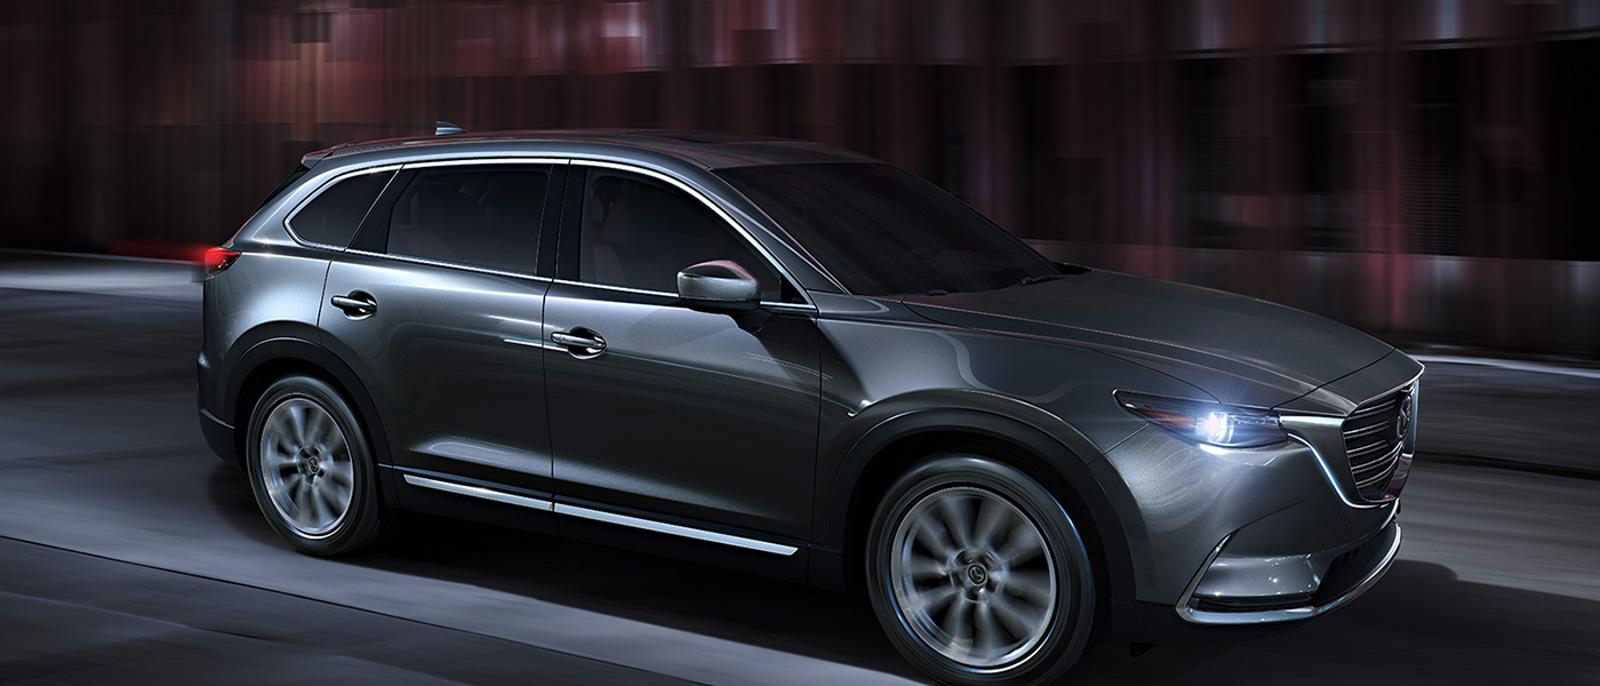 2016 Mazda CX 9 the mazda cx 9 coming to naperville, north aurora, and wheaton  at reclaimingppi.co